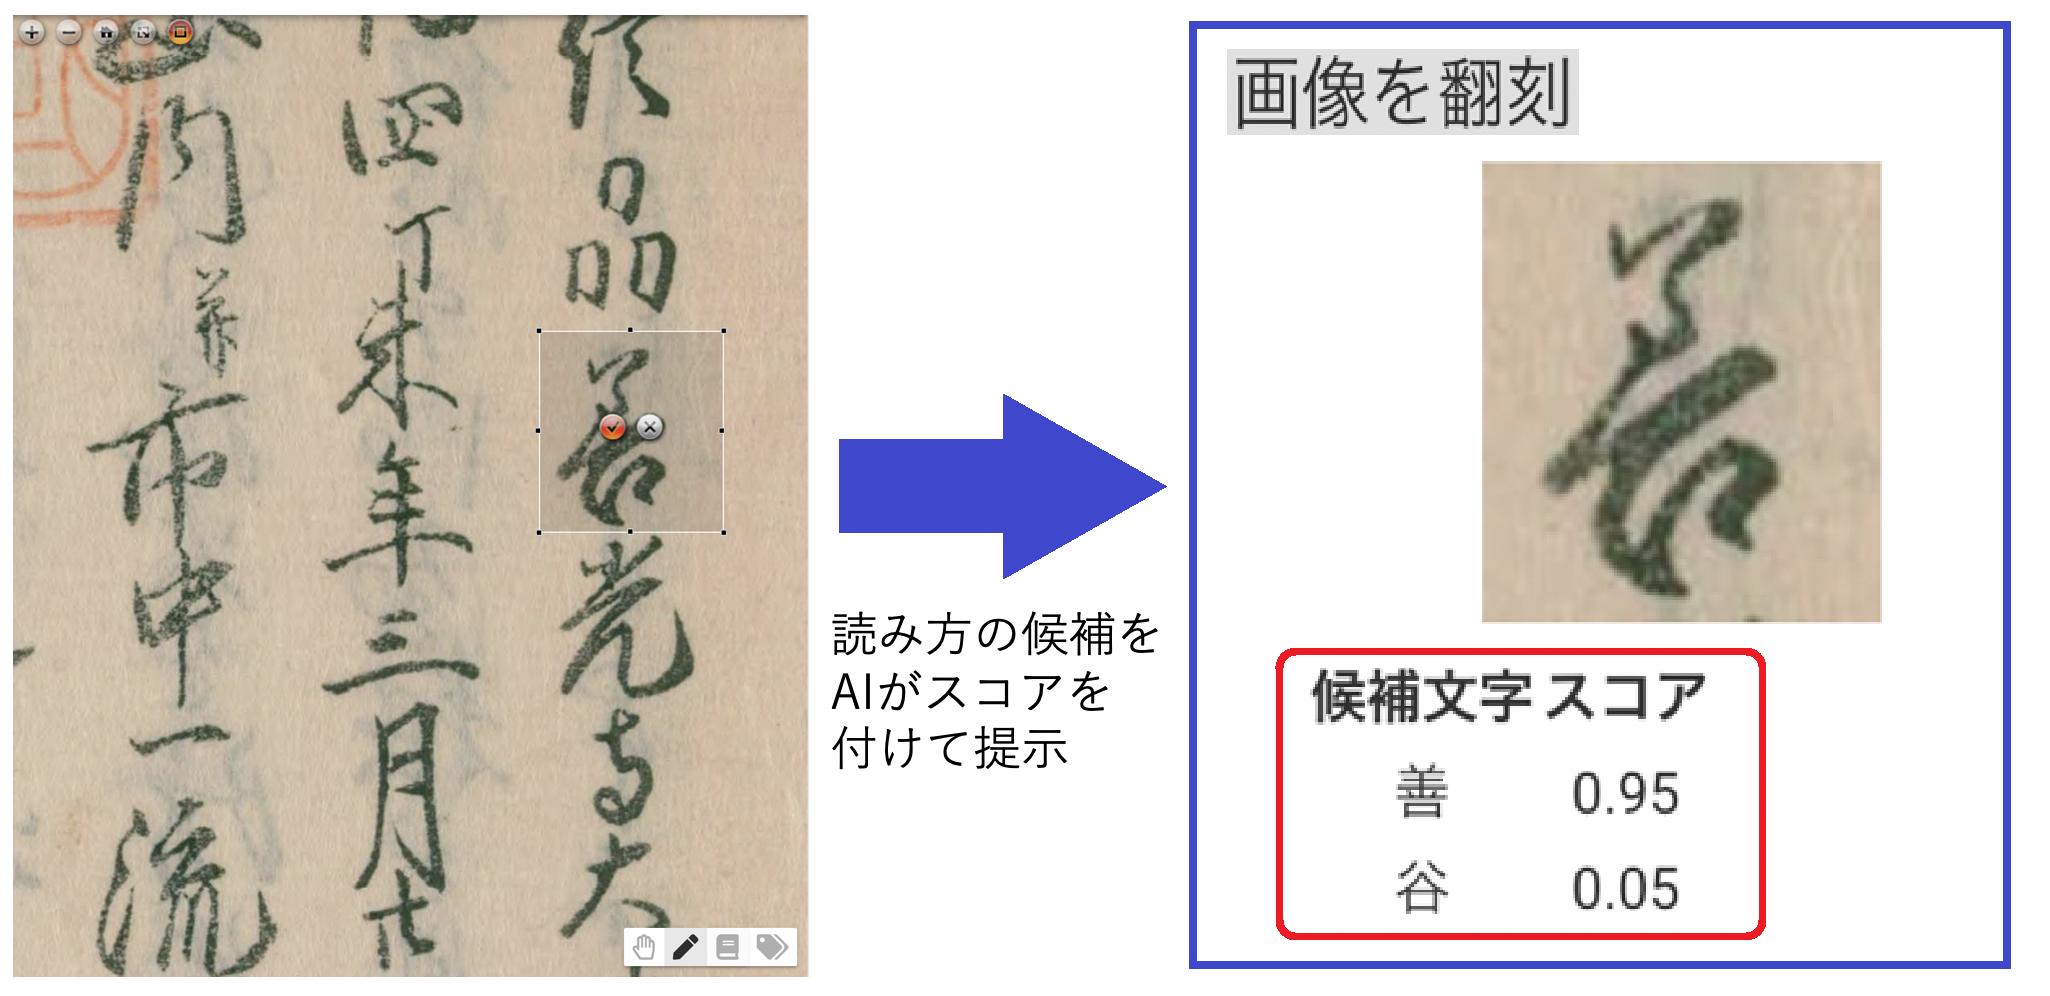 最新のAI技術を使用し、ゲーム感覚で古文書を解読! 歴史研究に参加しよう!市民参加型翻刻プロジェクト「みんなで翻刻」が7月22日 リニューアル公開!